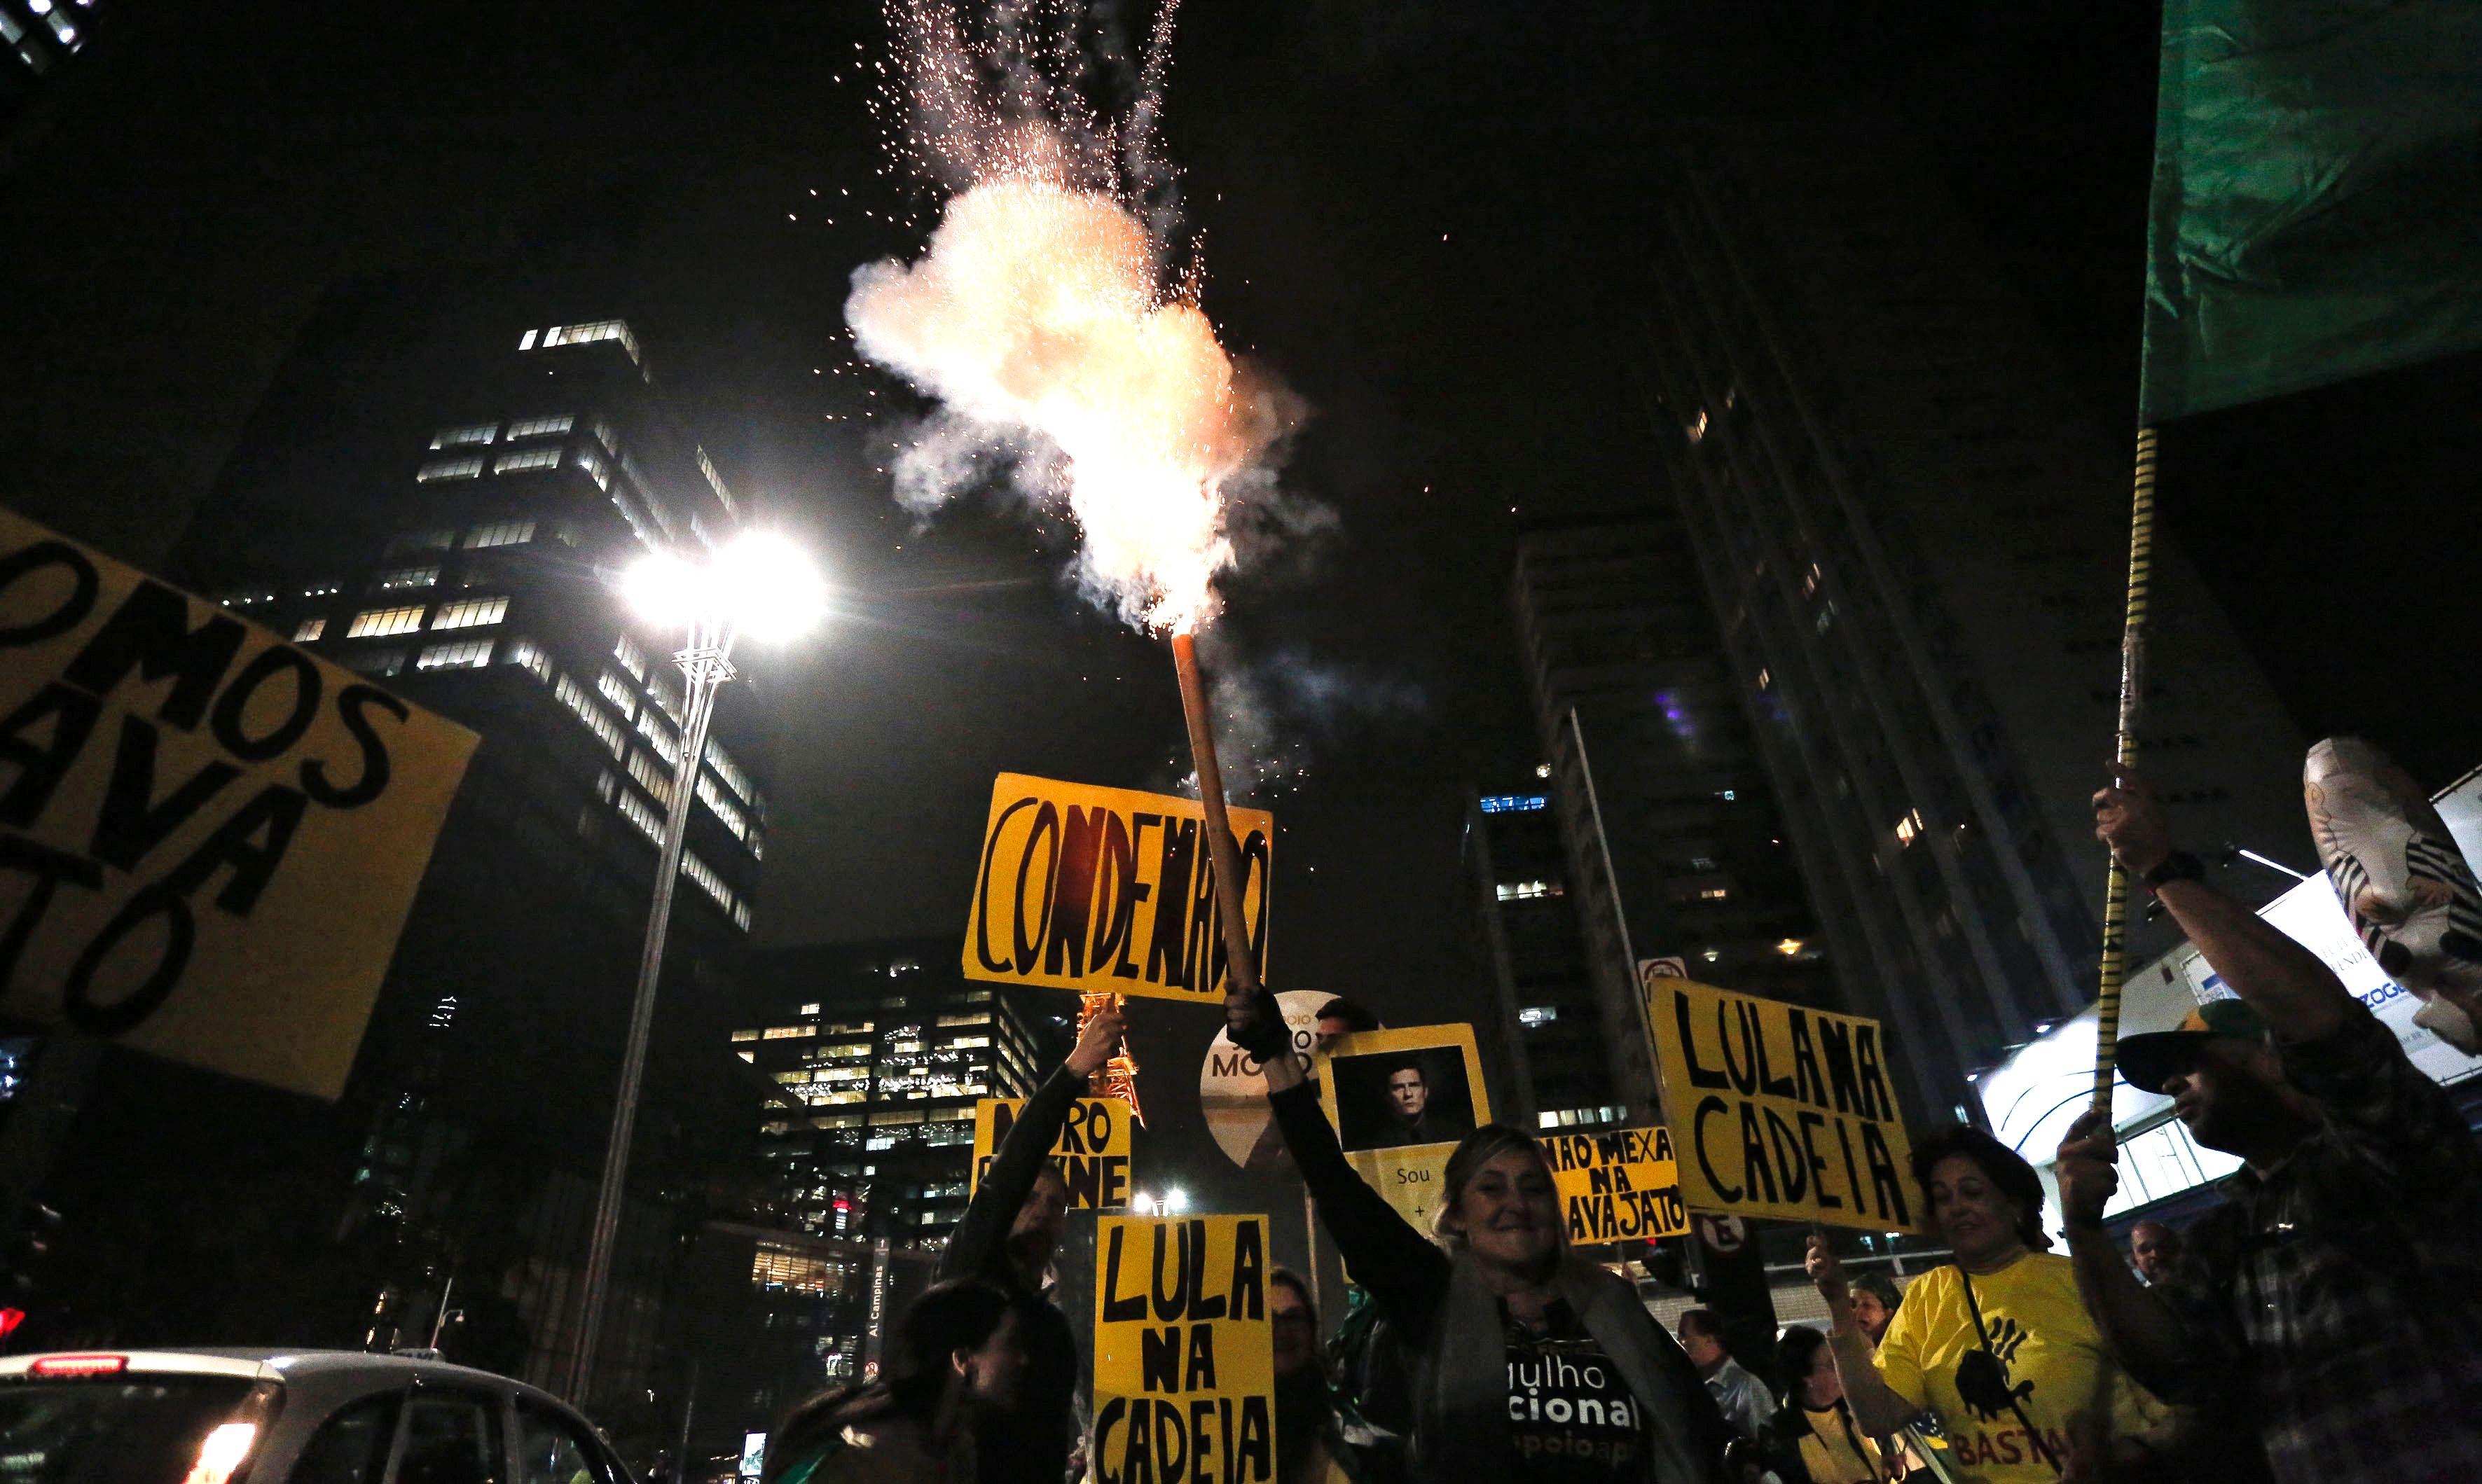 Dalmo Dallari: condenação de Lula não tem fundamento legal